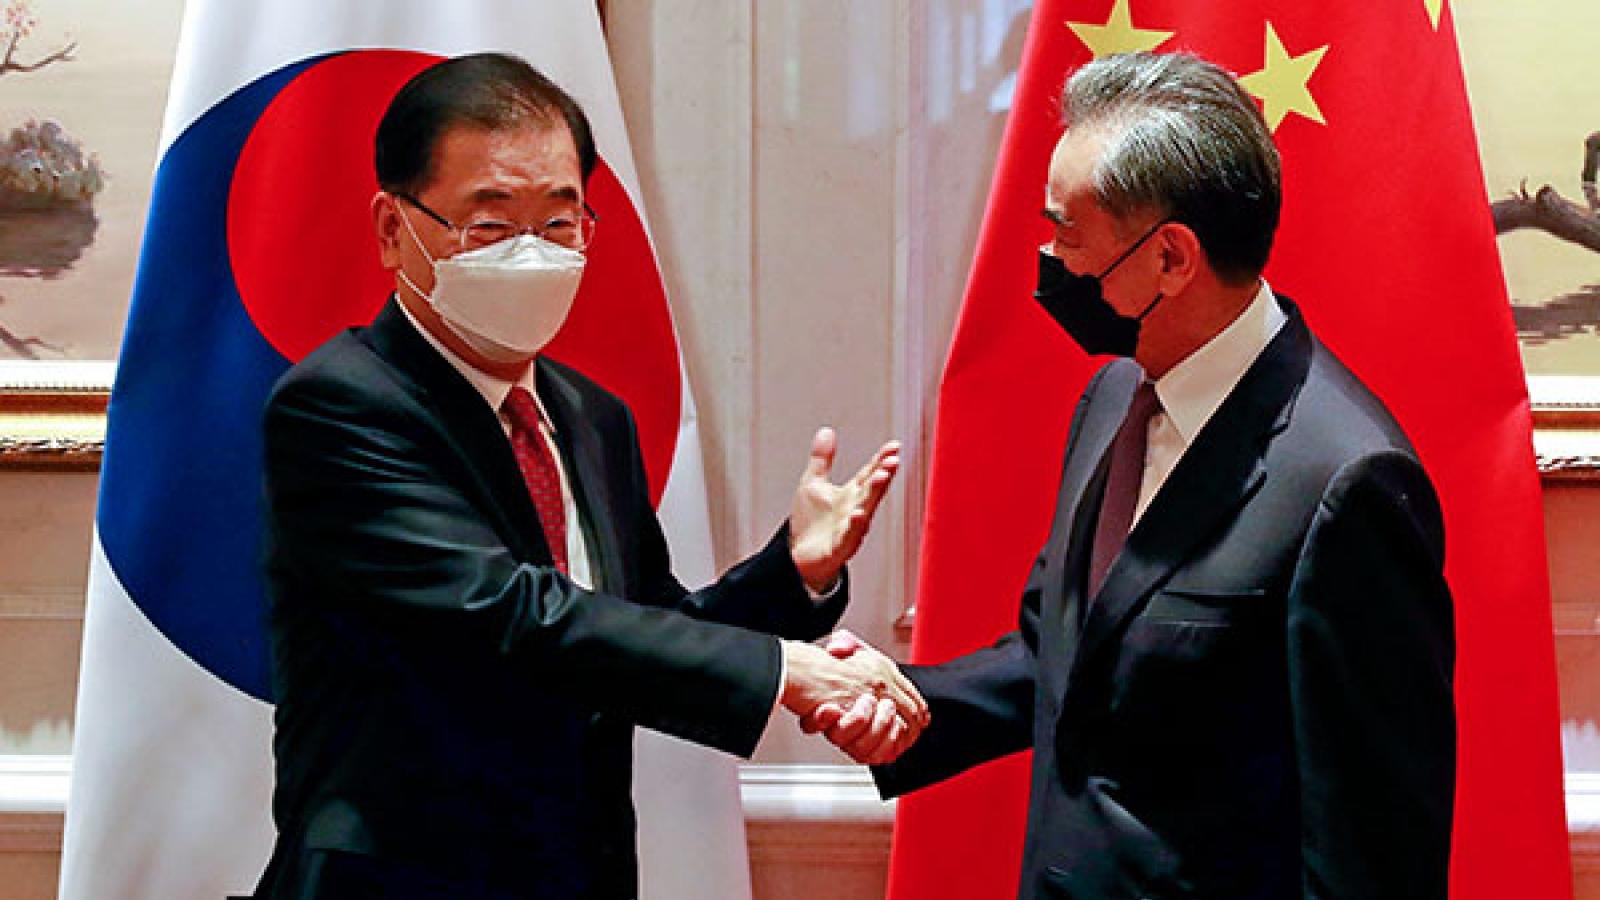 Ngoại trưởng Trung Quốc sẽ thăm Hàn Quốc